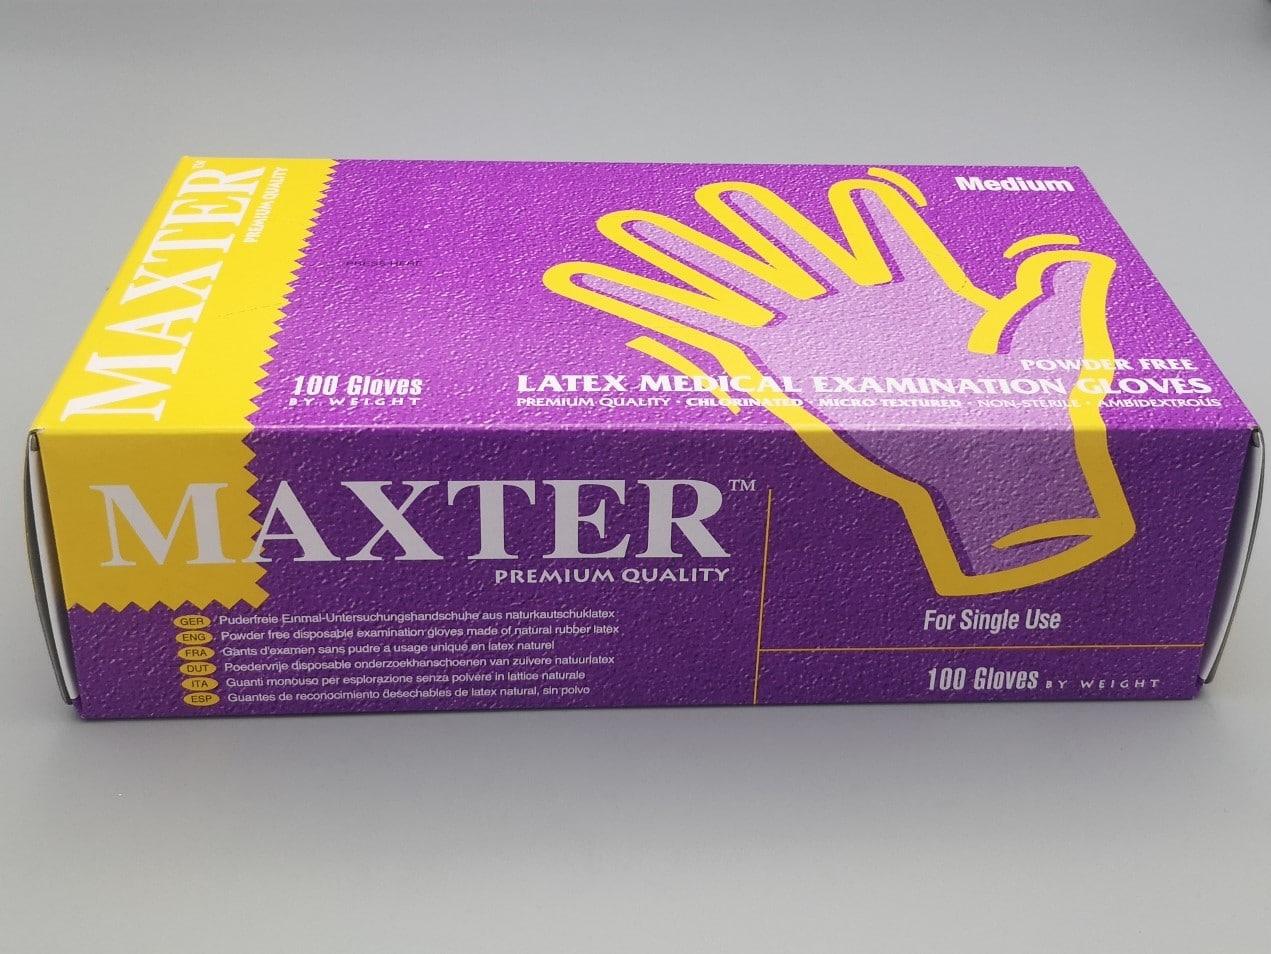 Gants Latex MAXTER non poudrés boîte de 100 pièces